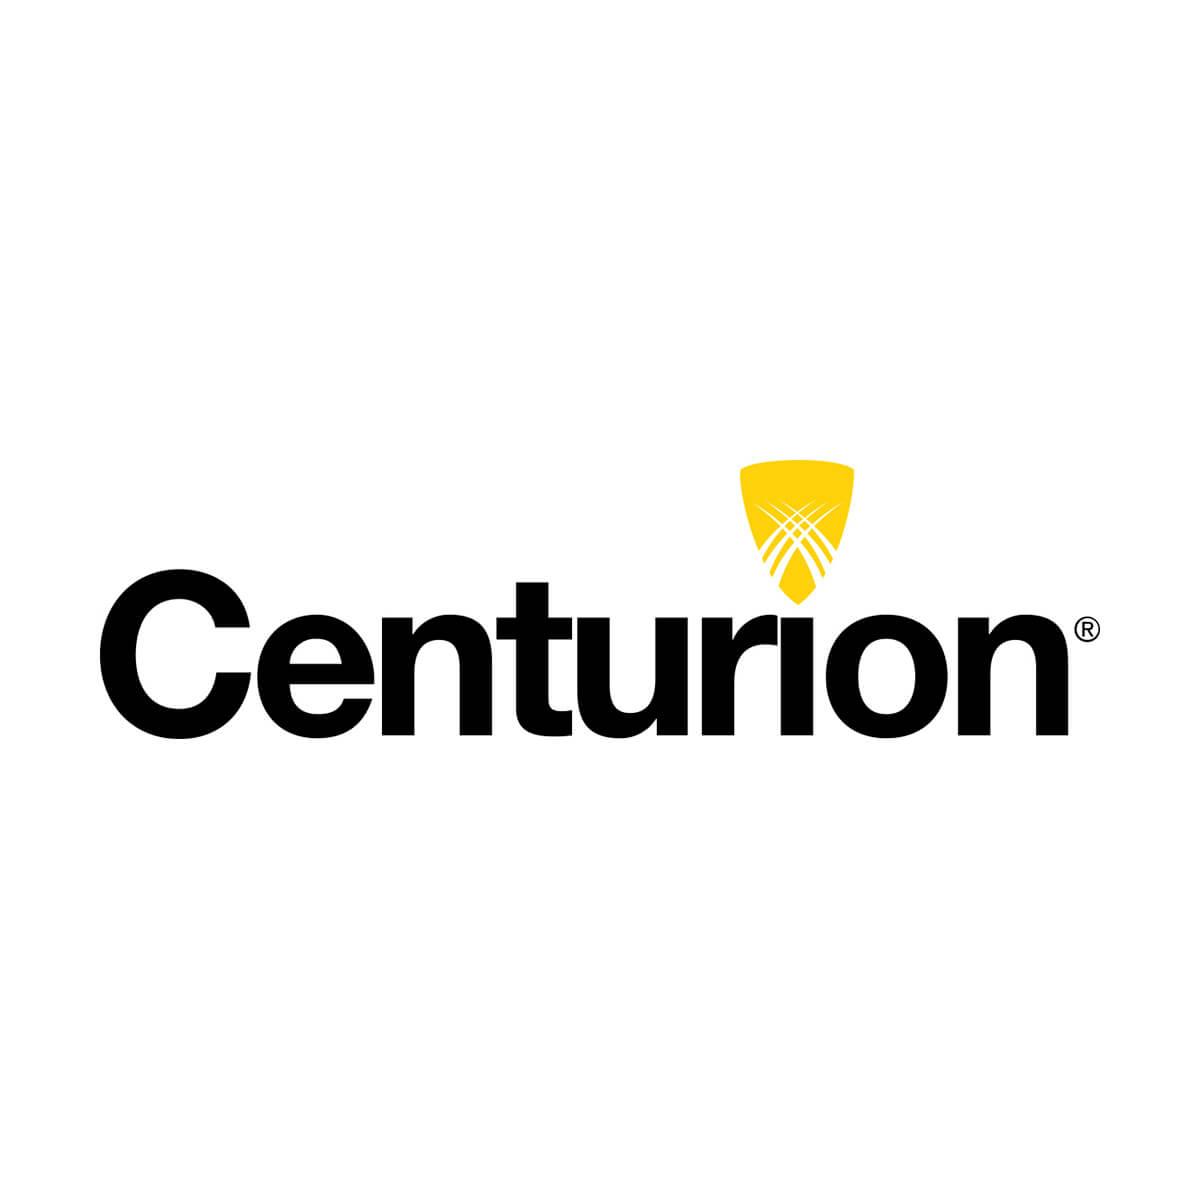 Centurion - Case